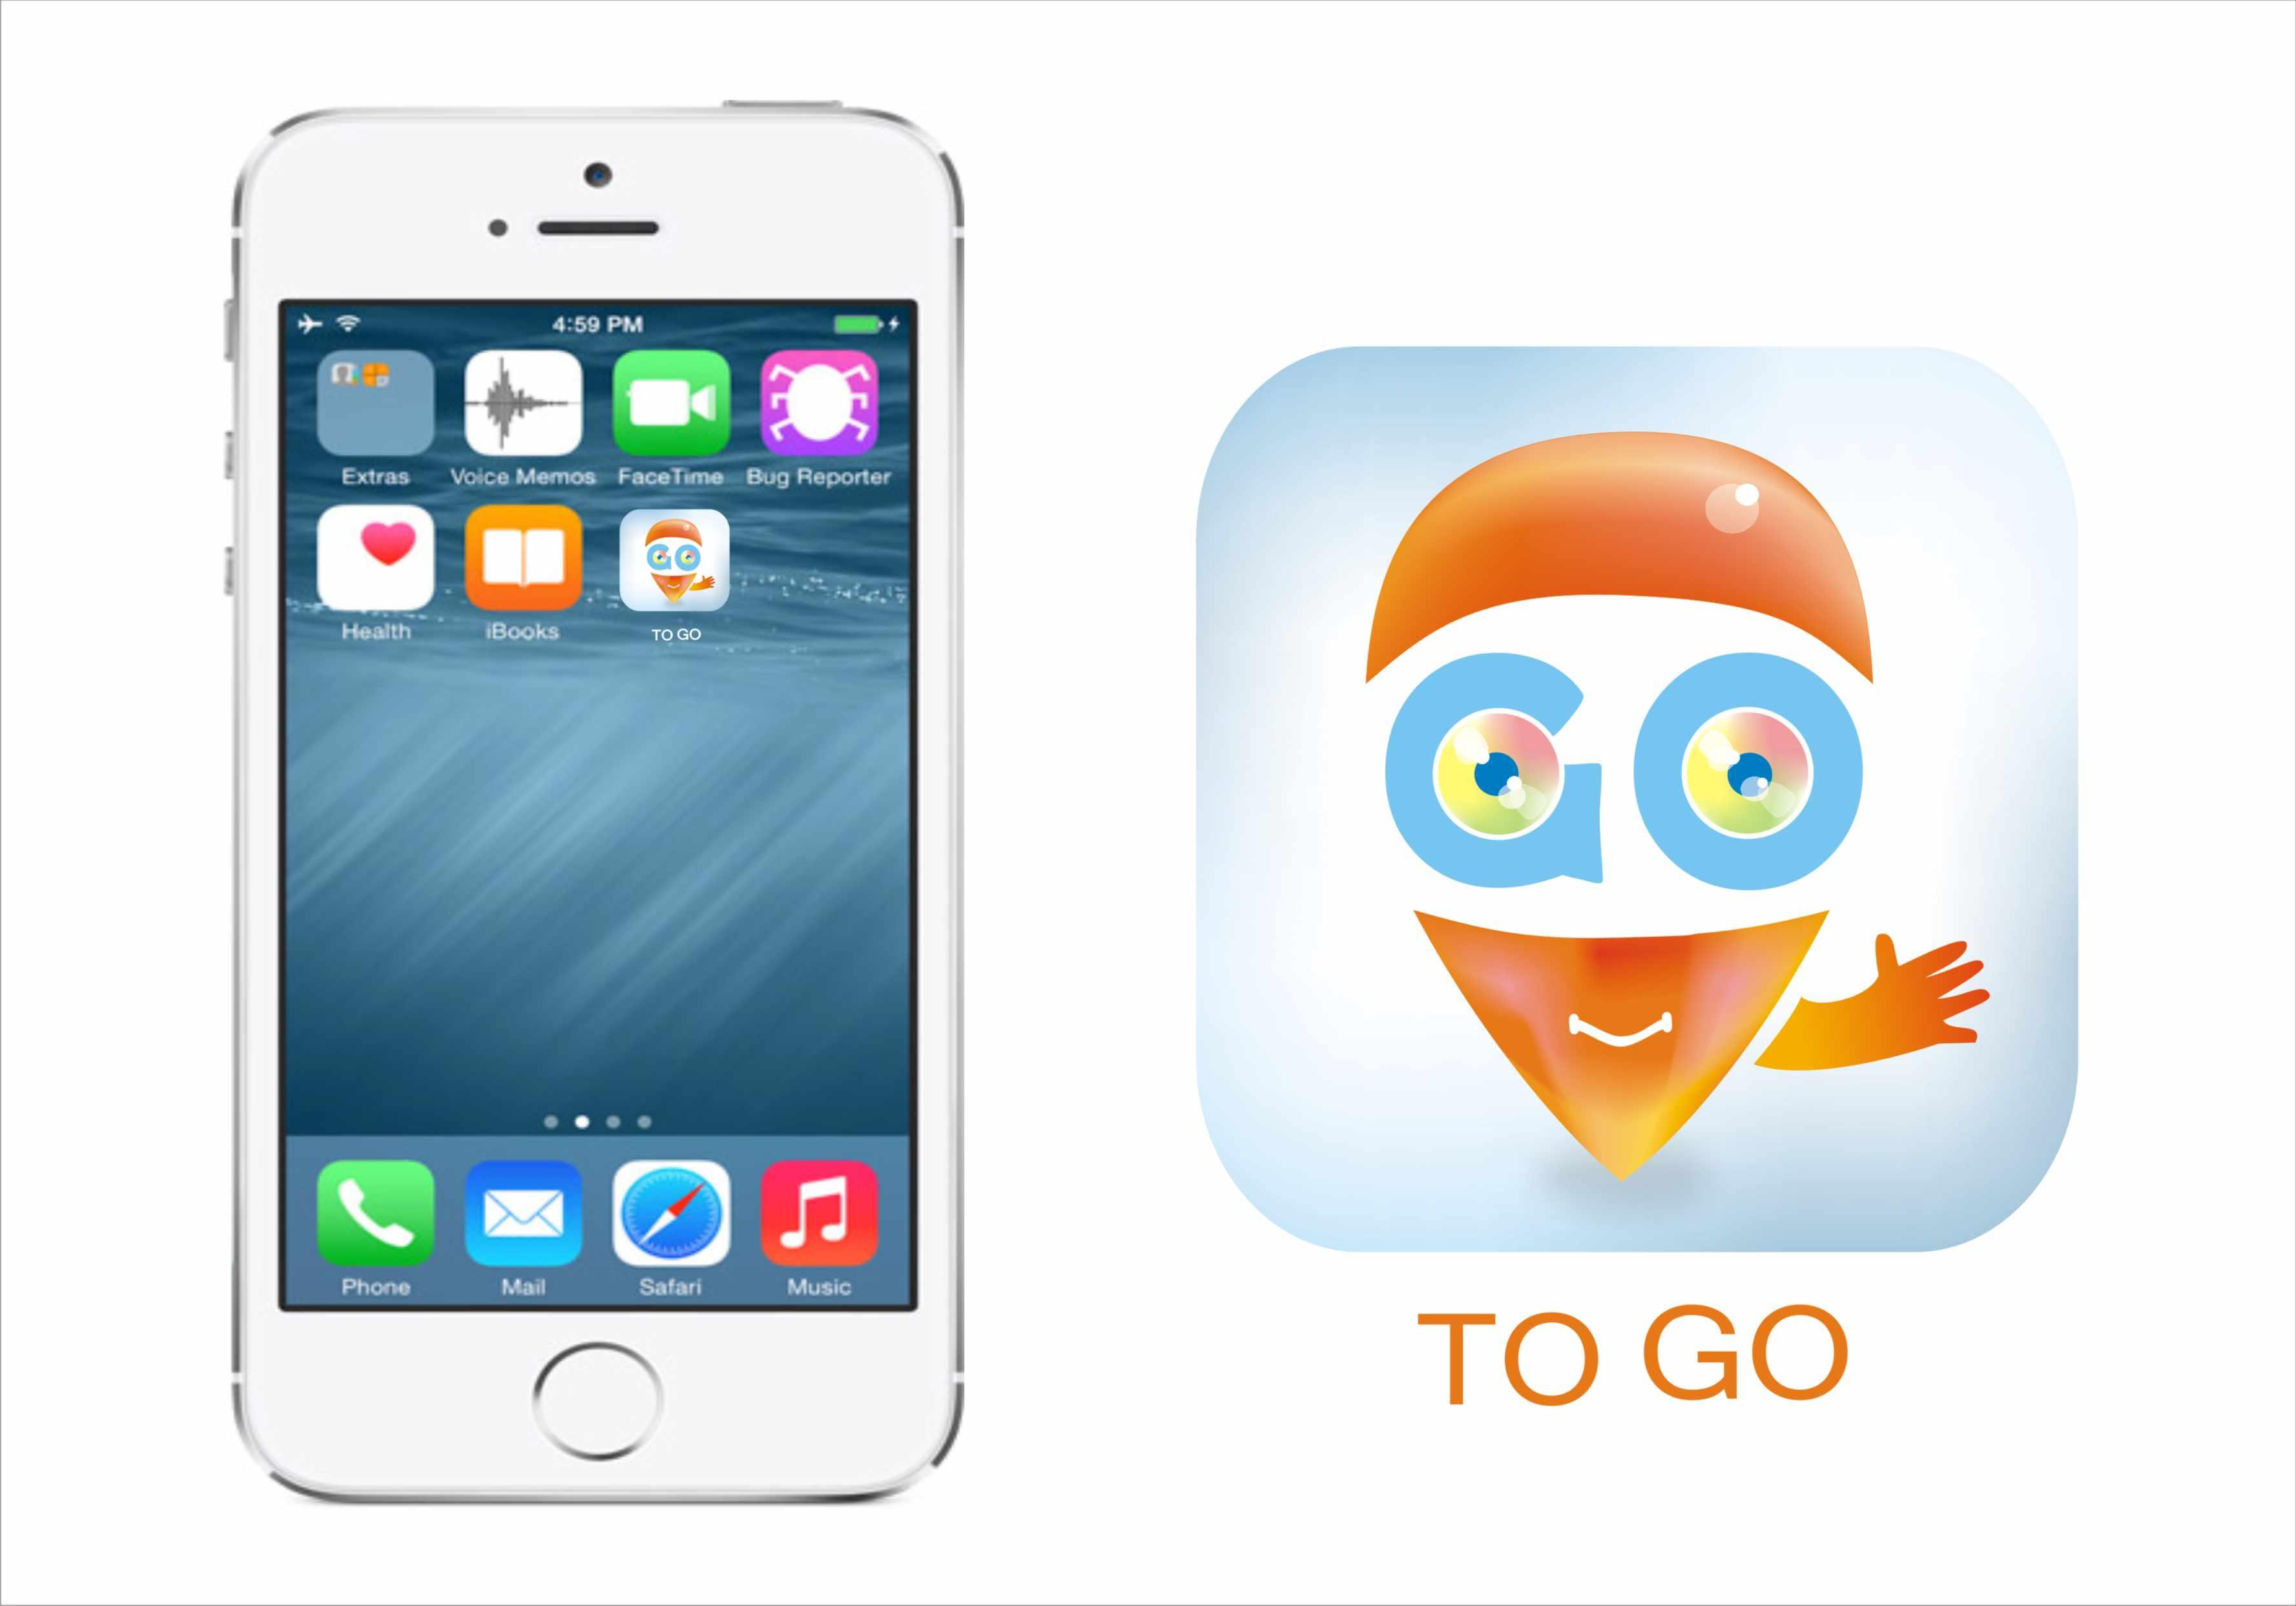 Разработать логотип и экран загрузки приложения фото f_8265a83ef95805ad.jpg